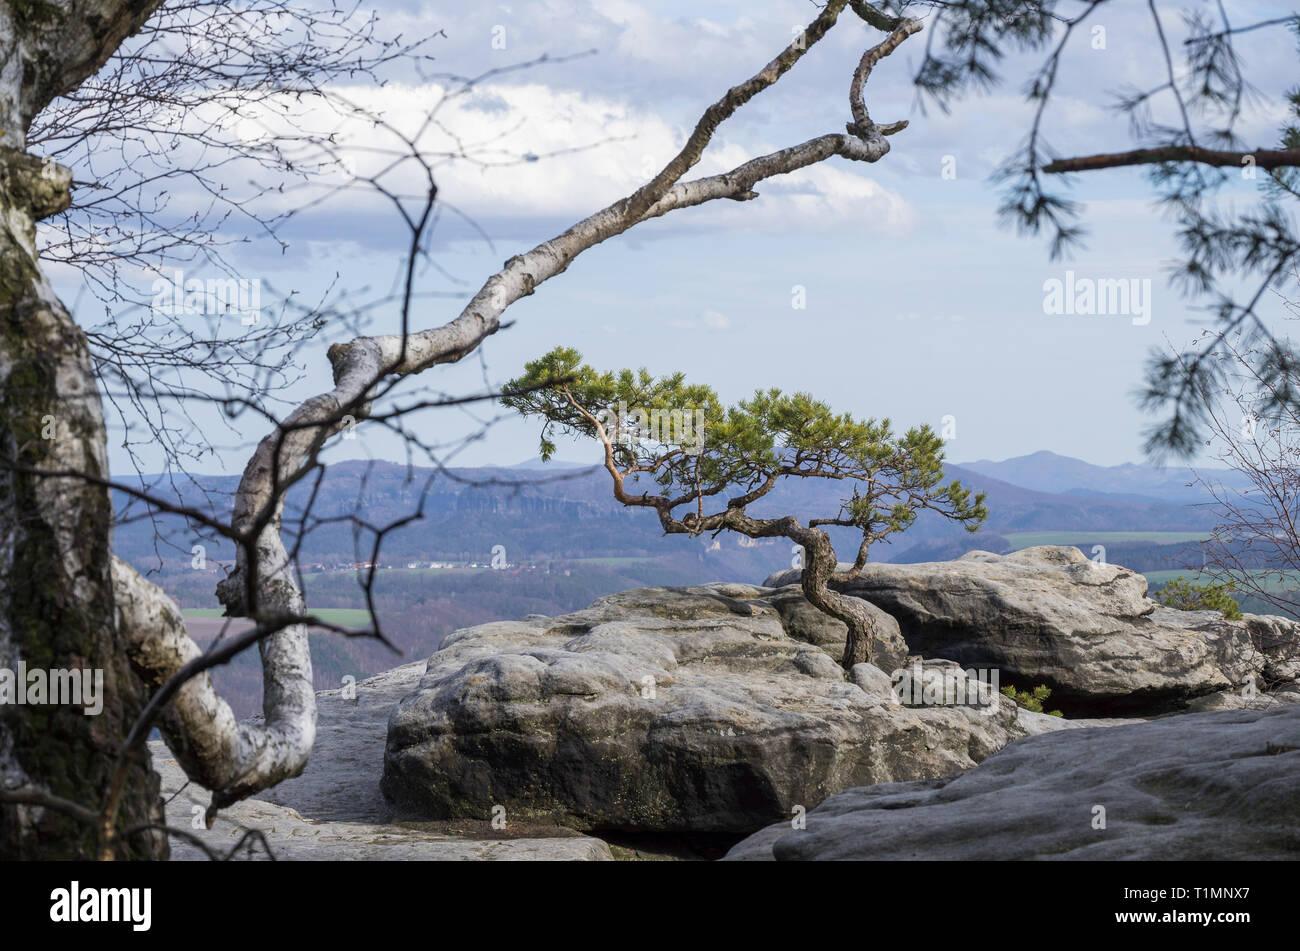 Wetterkiefer auf dem Lilienstein - Weather Pine - Bonsai - Stock Image